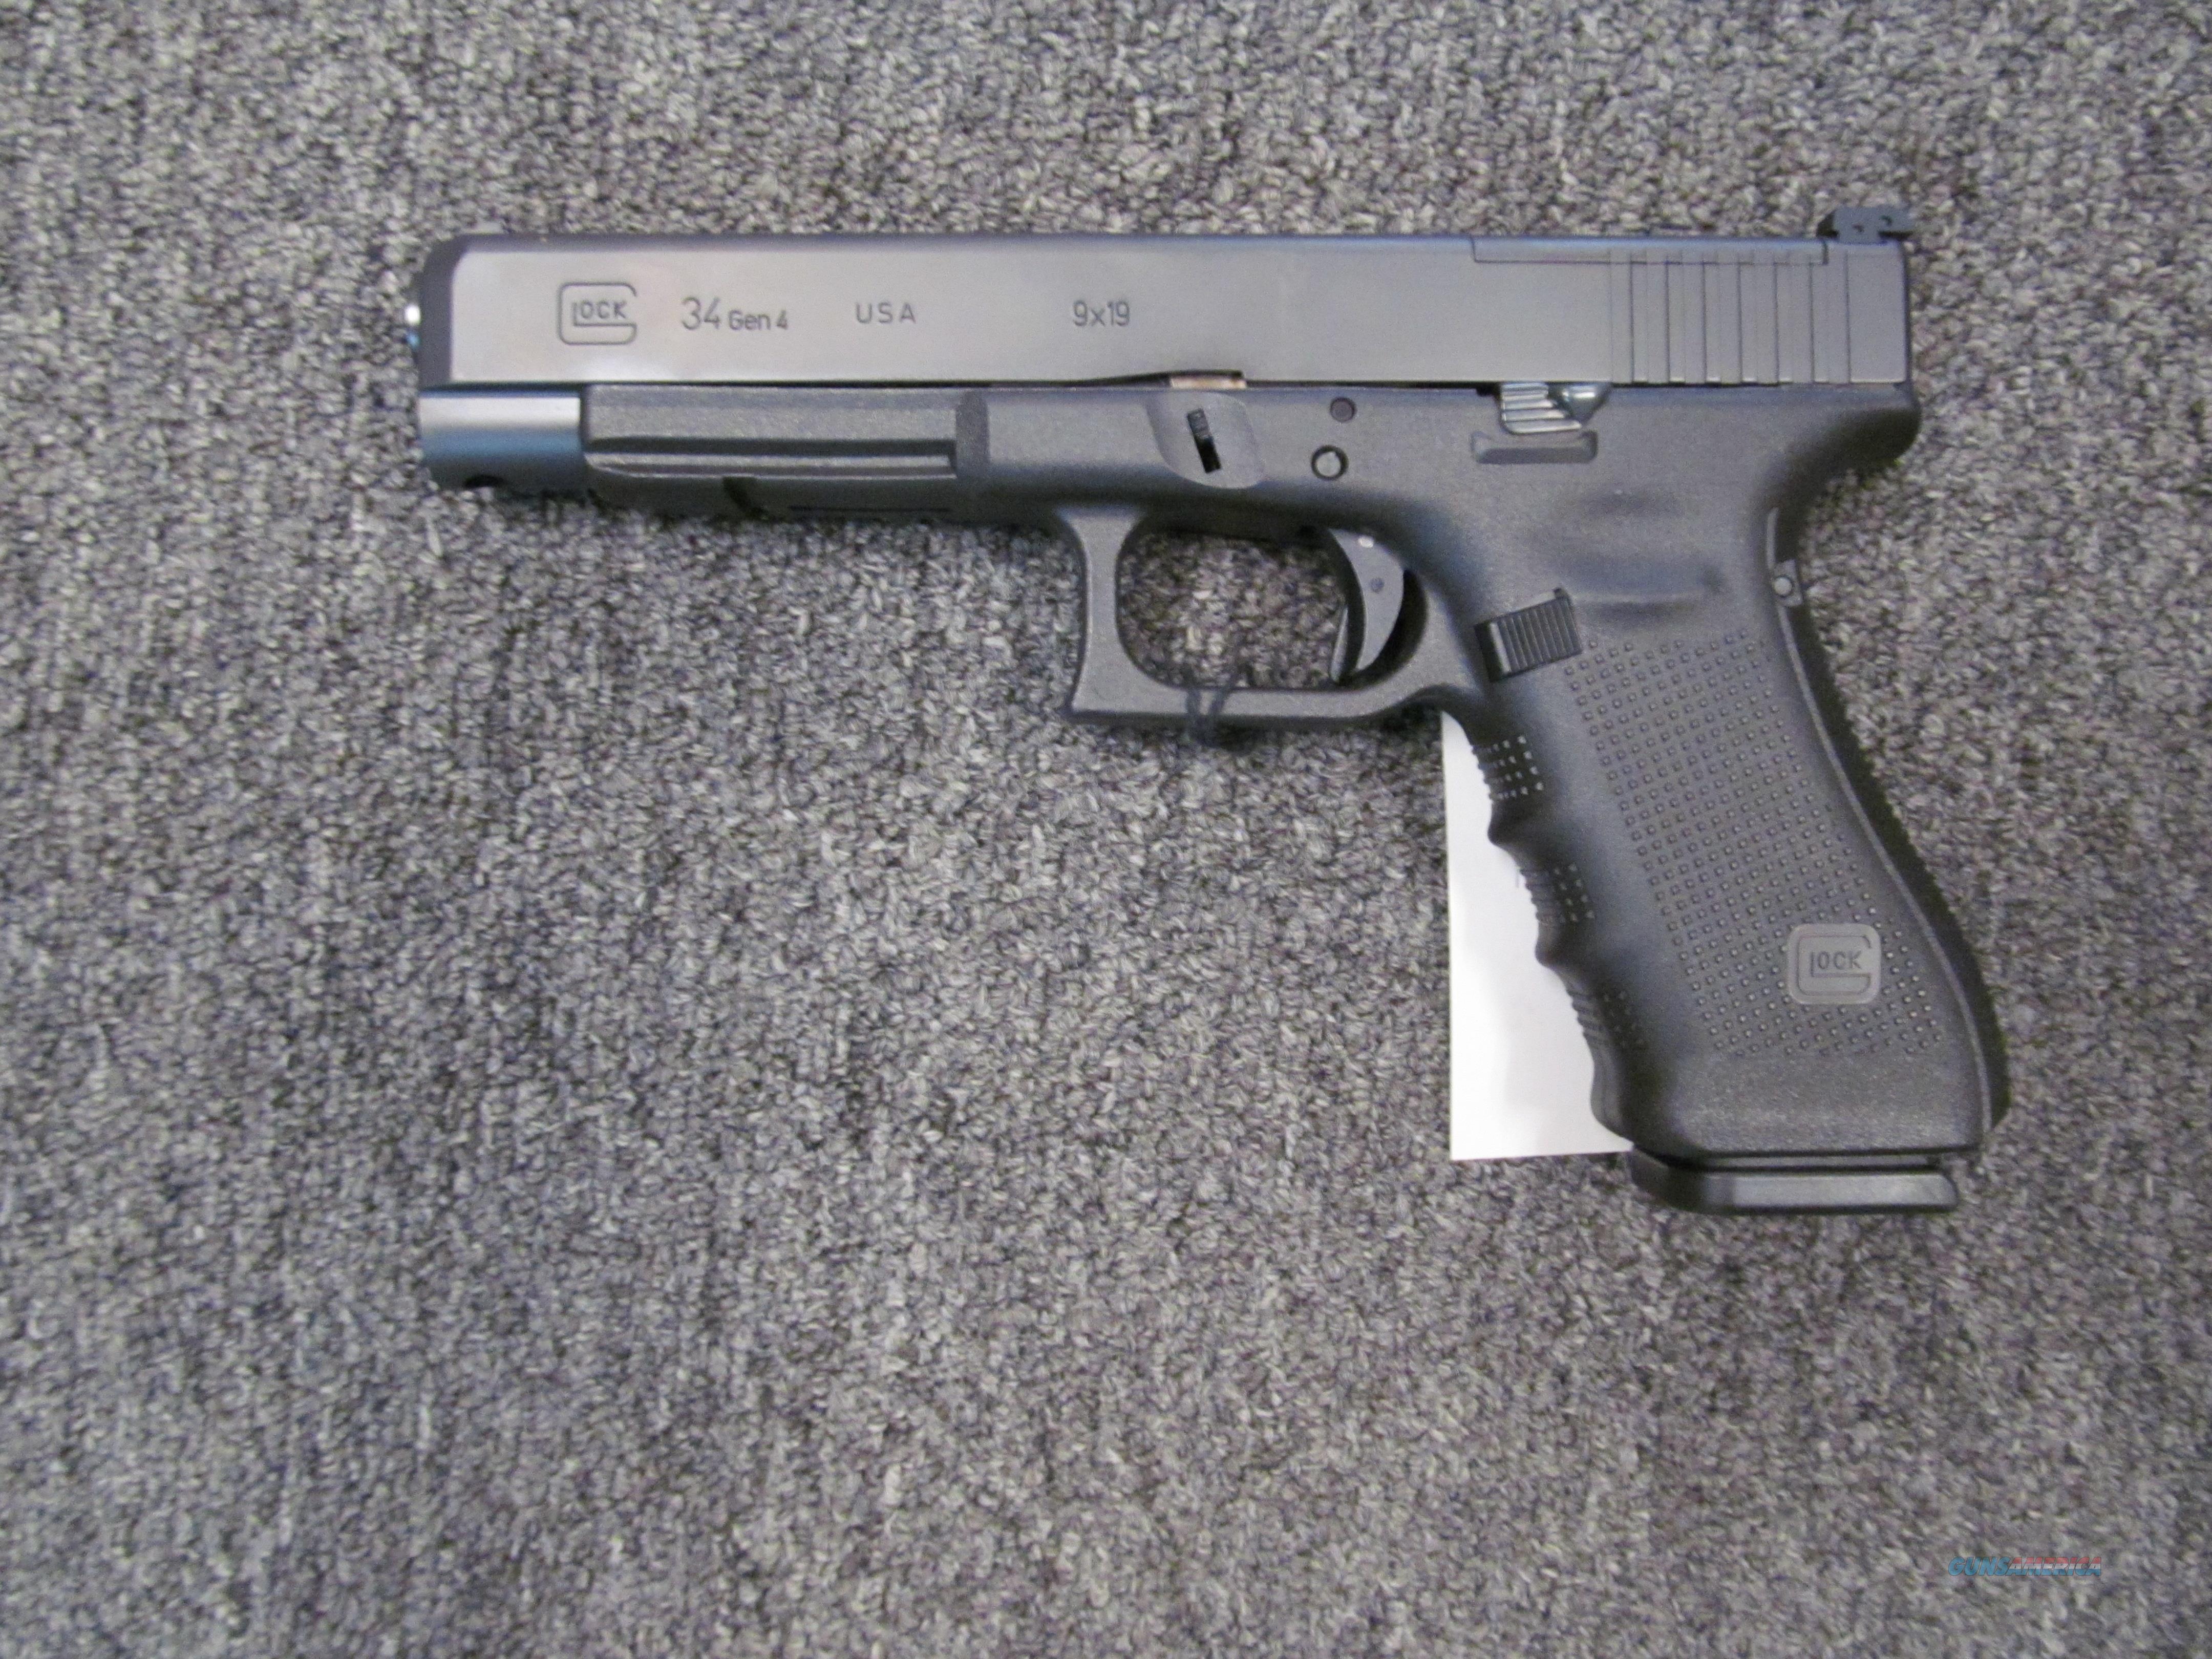 Glock 34 gen 4 MOS  Guns > Pistols > Glock Pistols > 34